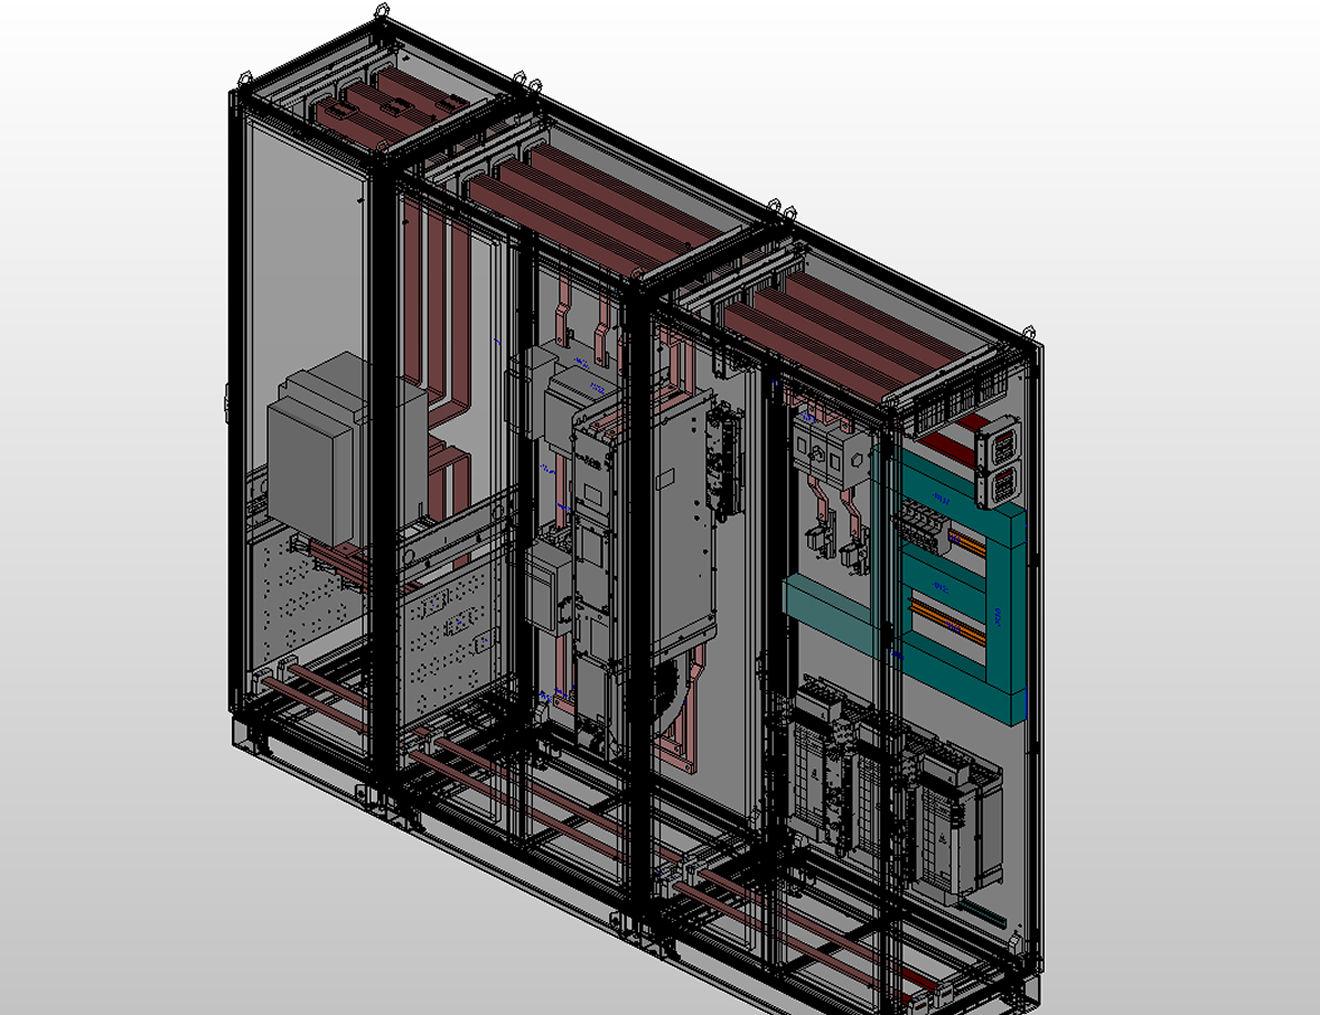 Eplan Pro Panel Copper pozwala na całościowe projektowanie rozdzielni do zasilania i rozdziału prądu.